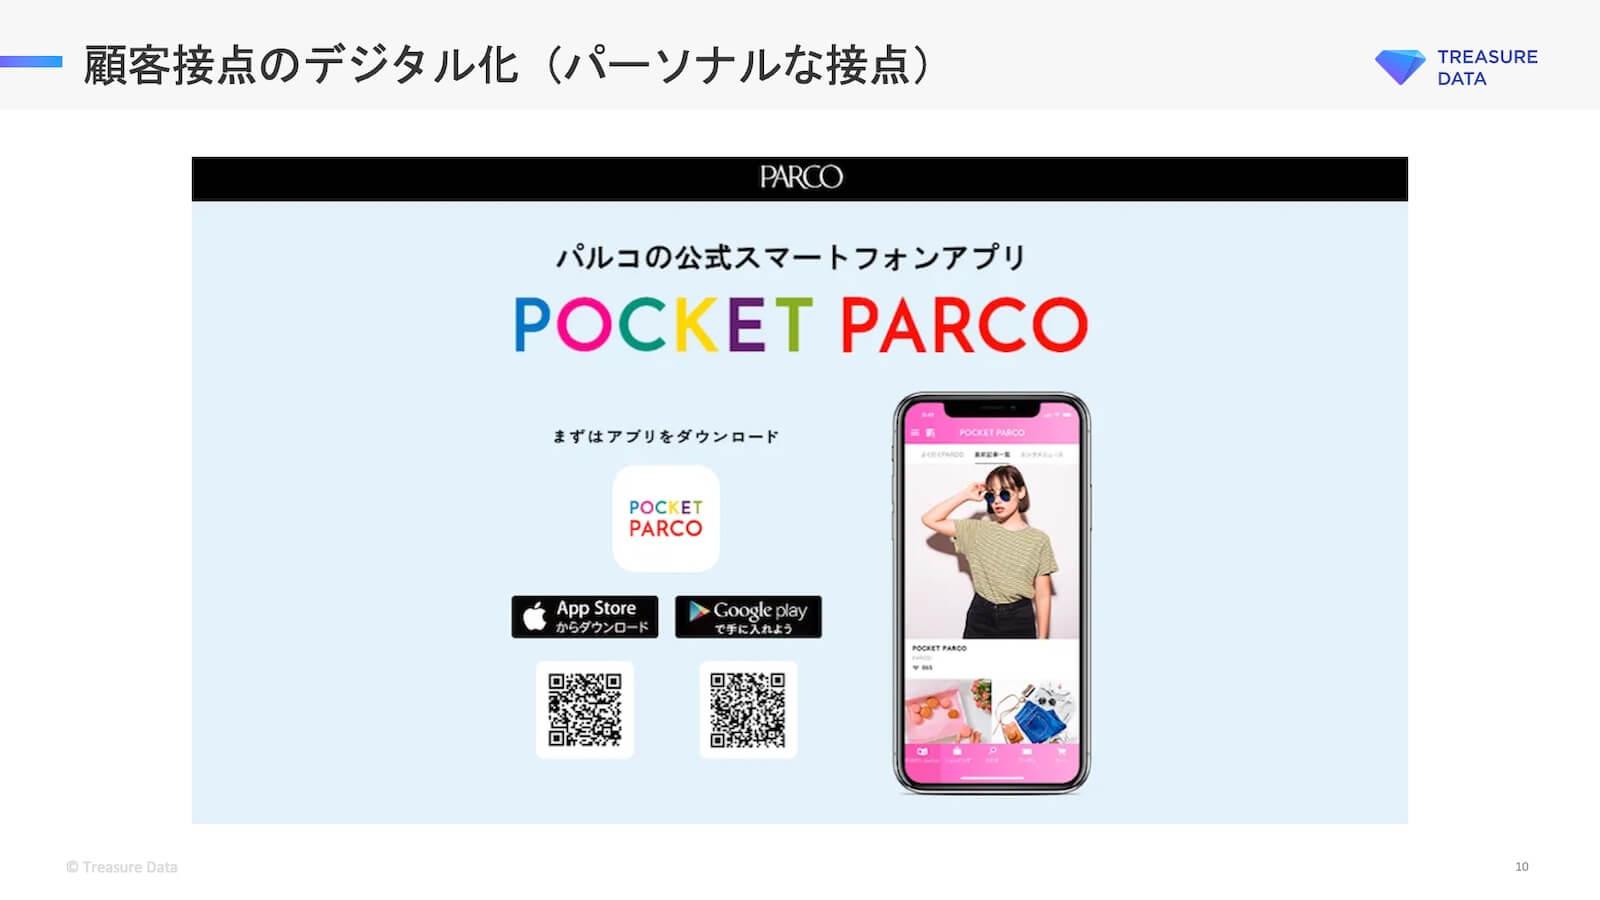 パルコの公式スマートフォンアプリ POCKET PARCO